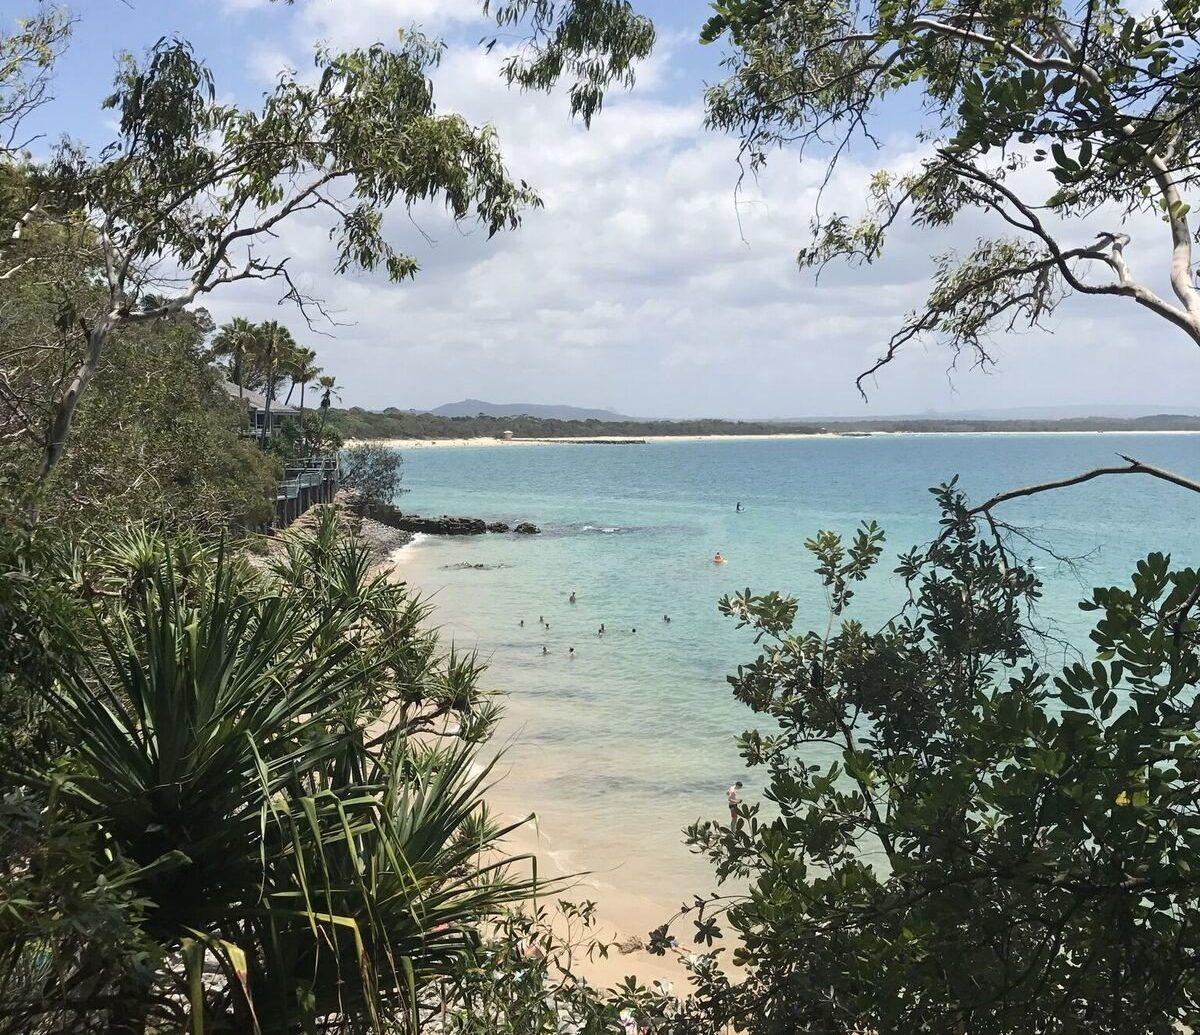 Noosa beach in Australia